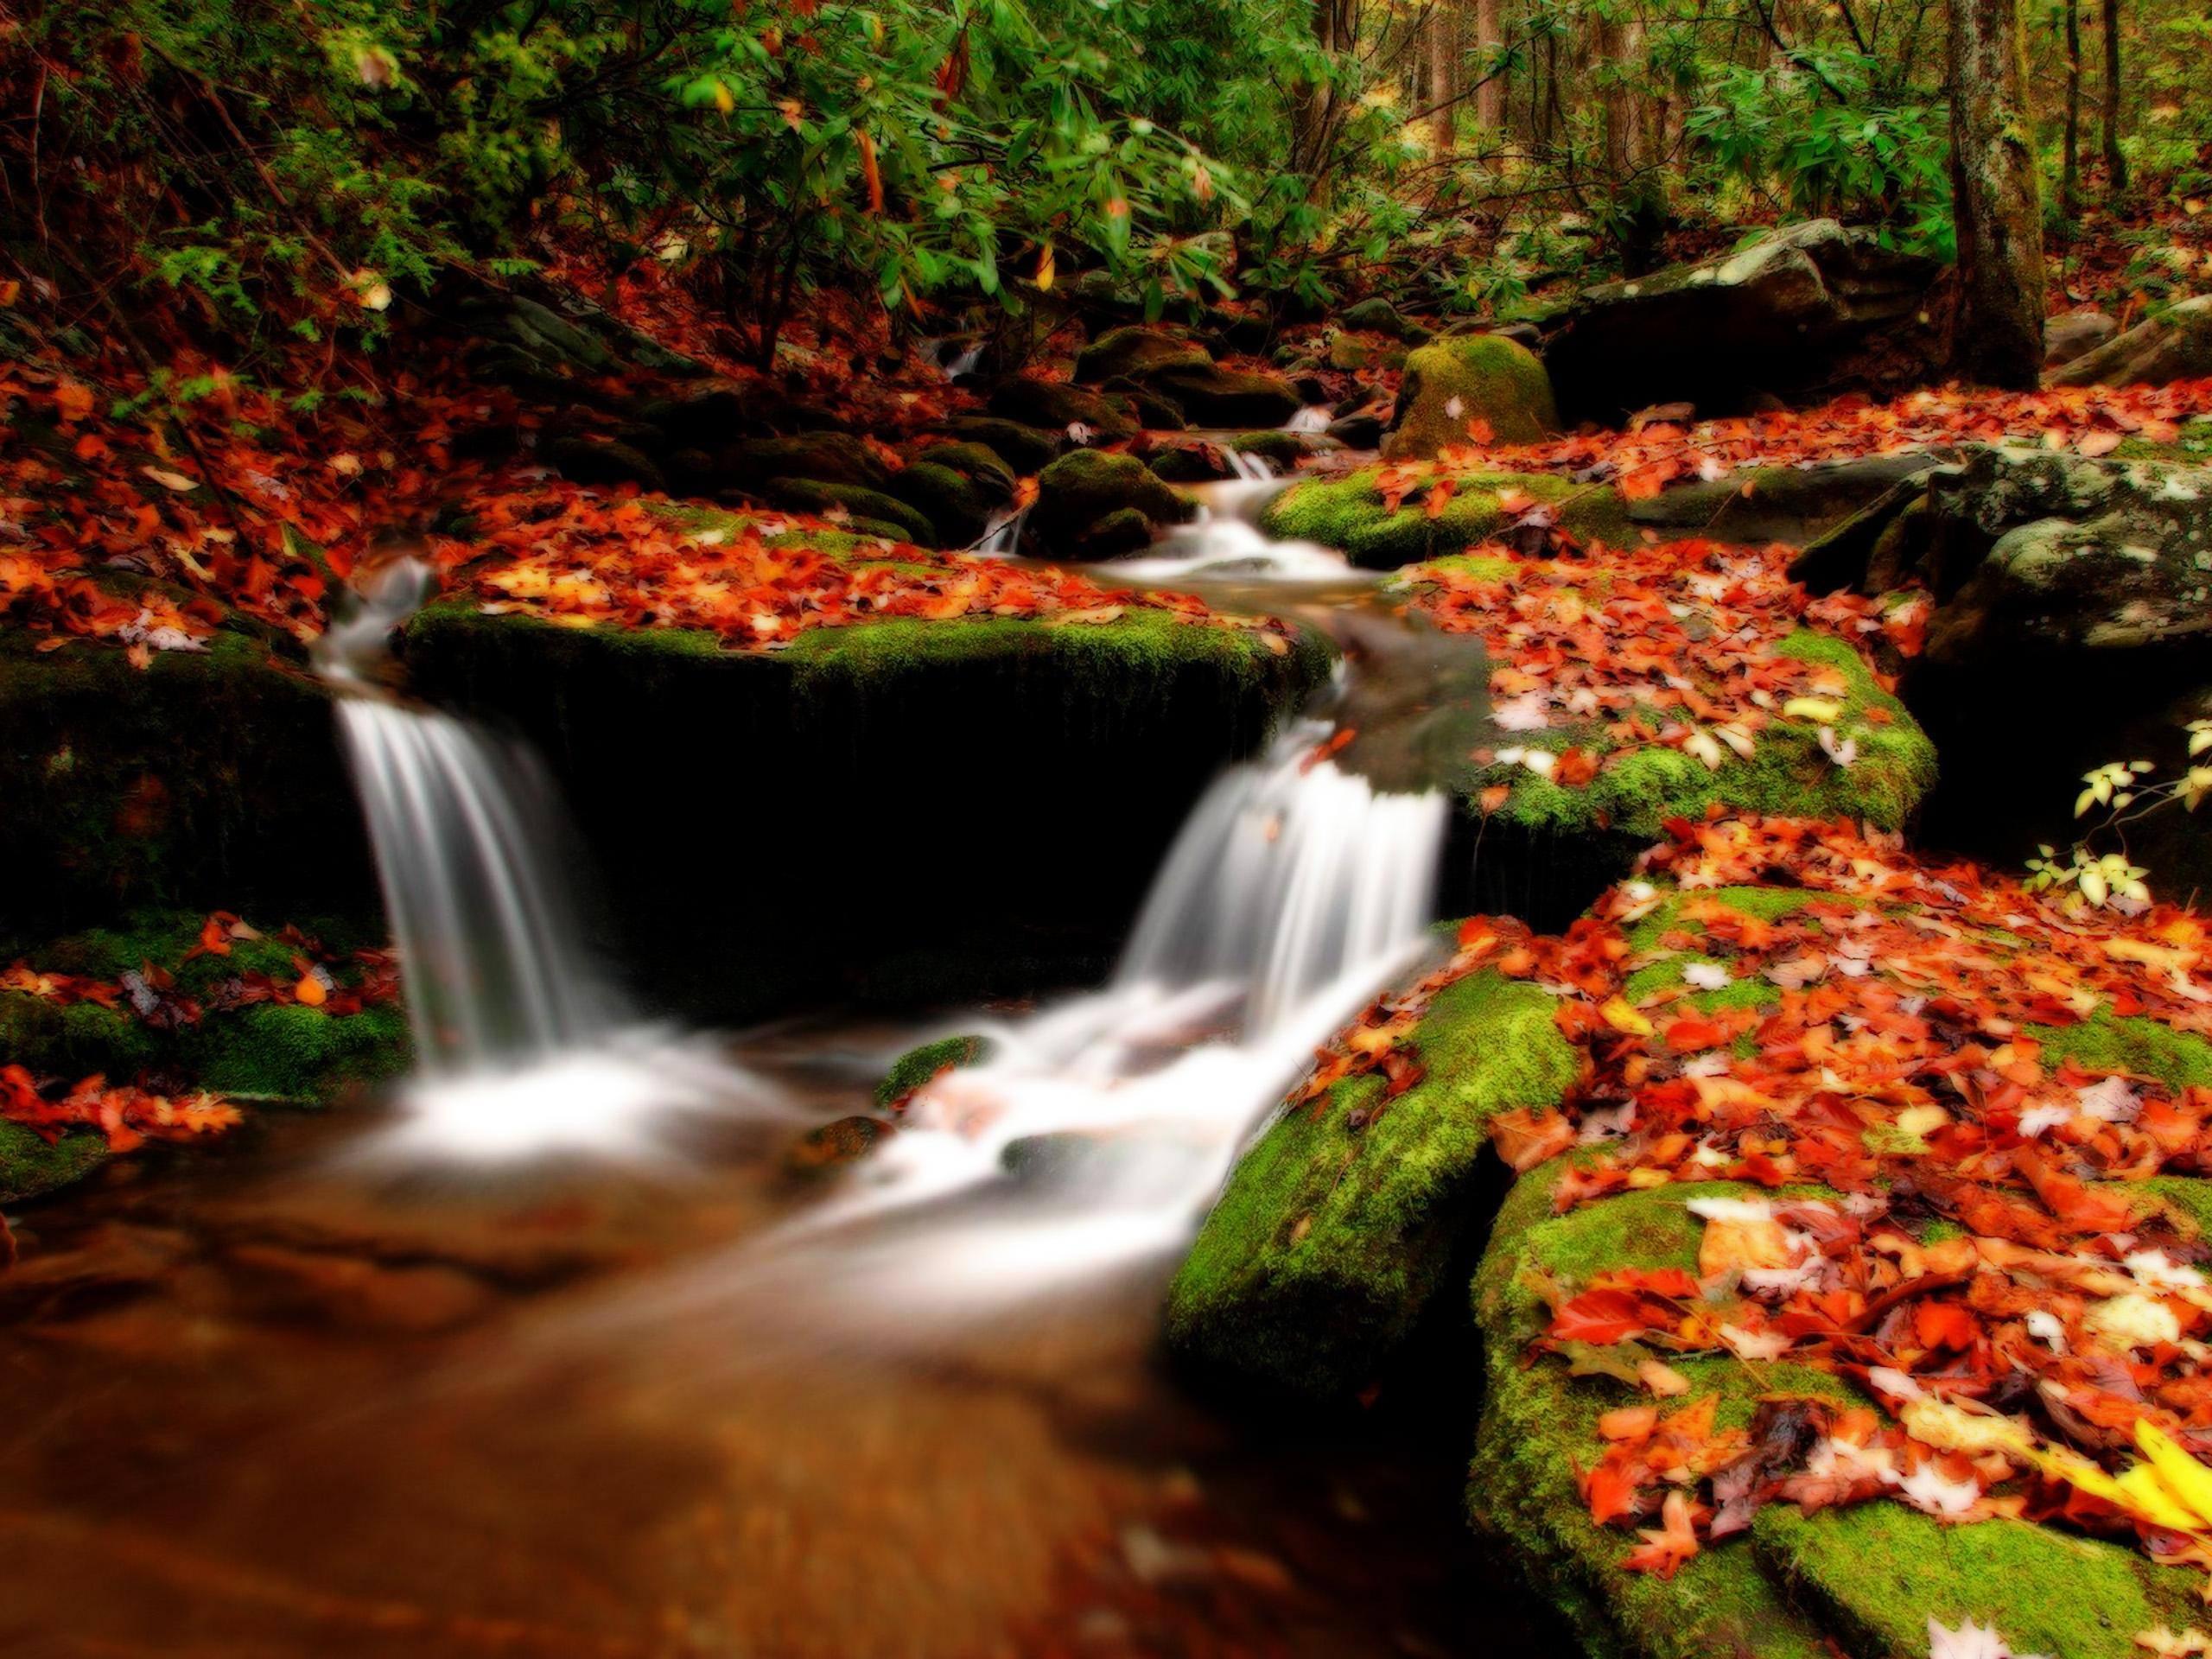 high definition wallpapercomphotoanime autumn wallpaper12html 2560x1920